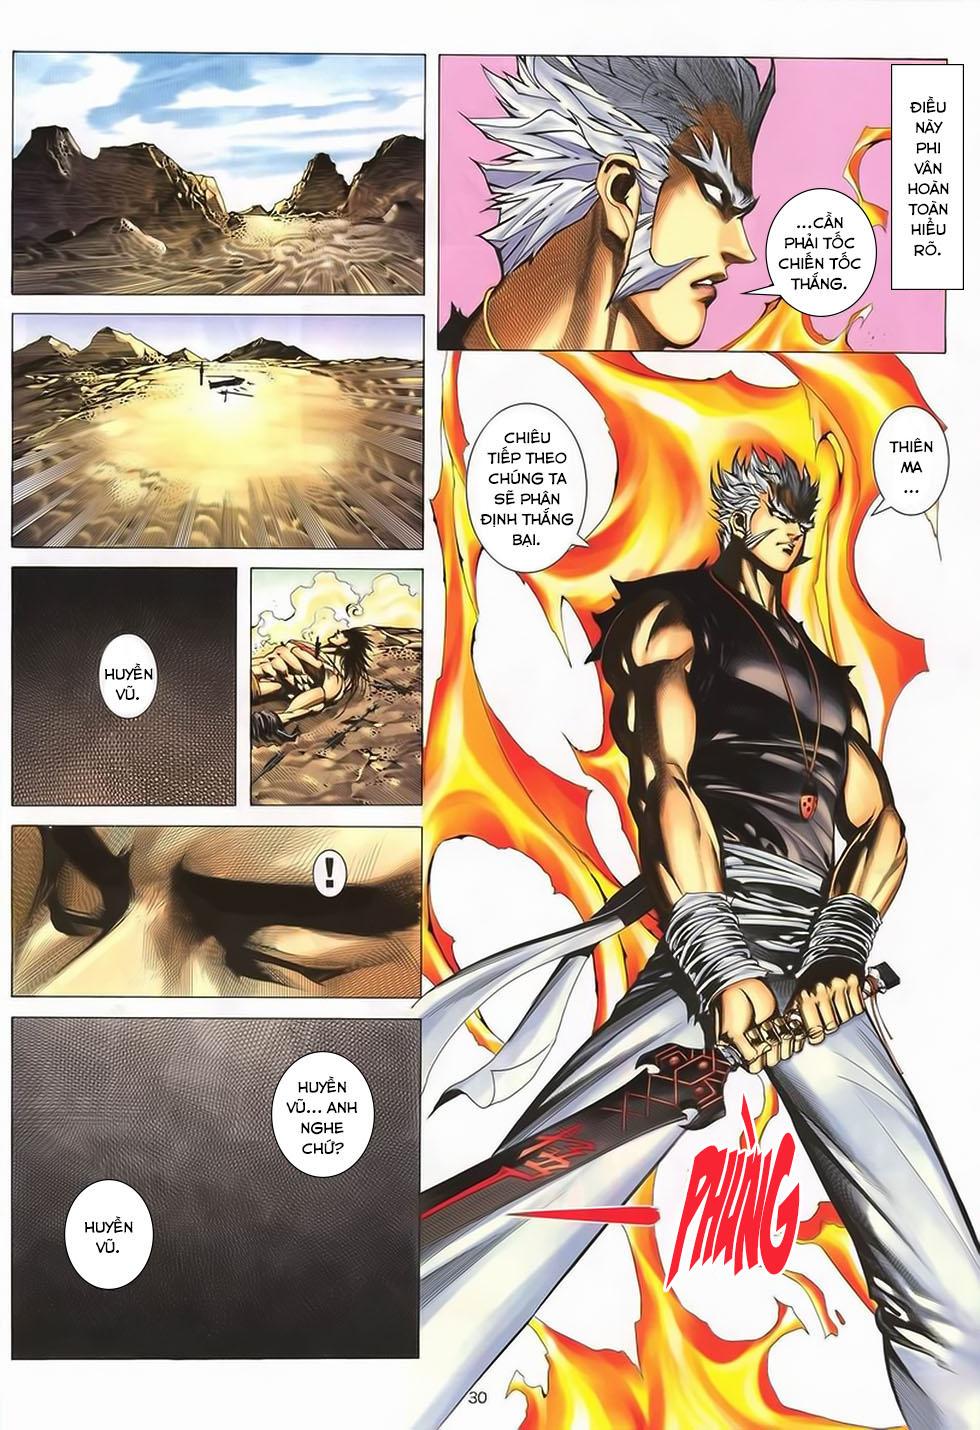 Chiến Thần Ký chap 40 - Trang 30